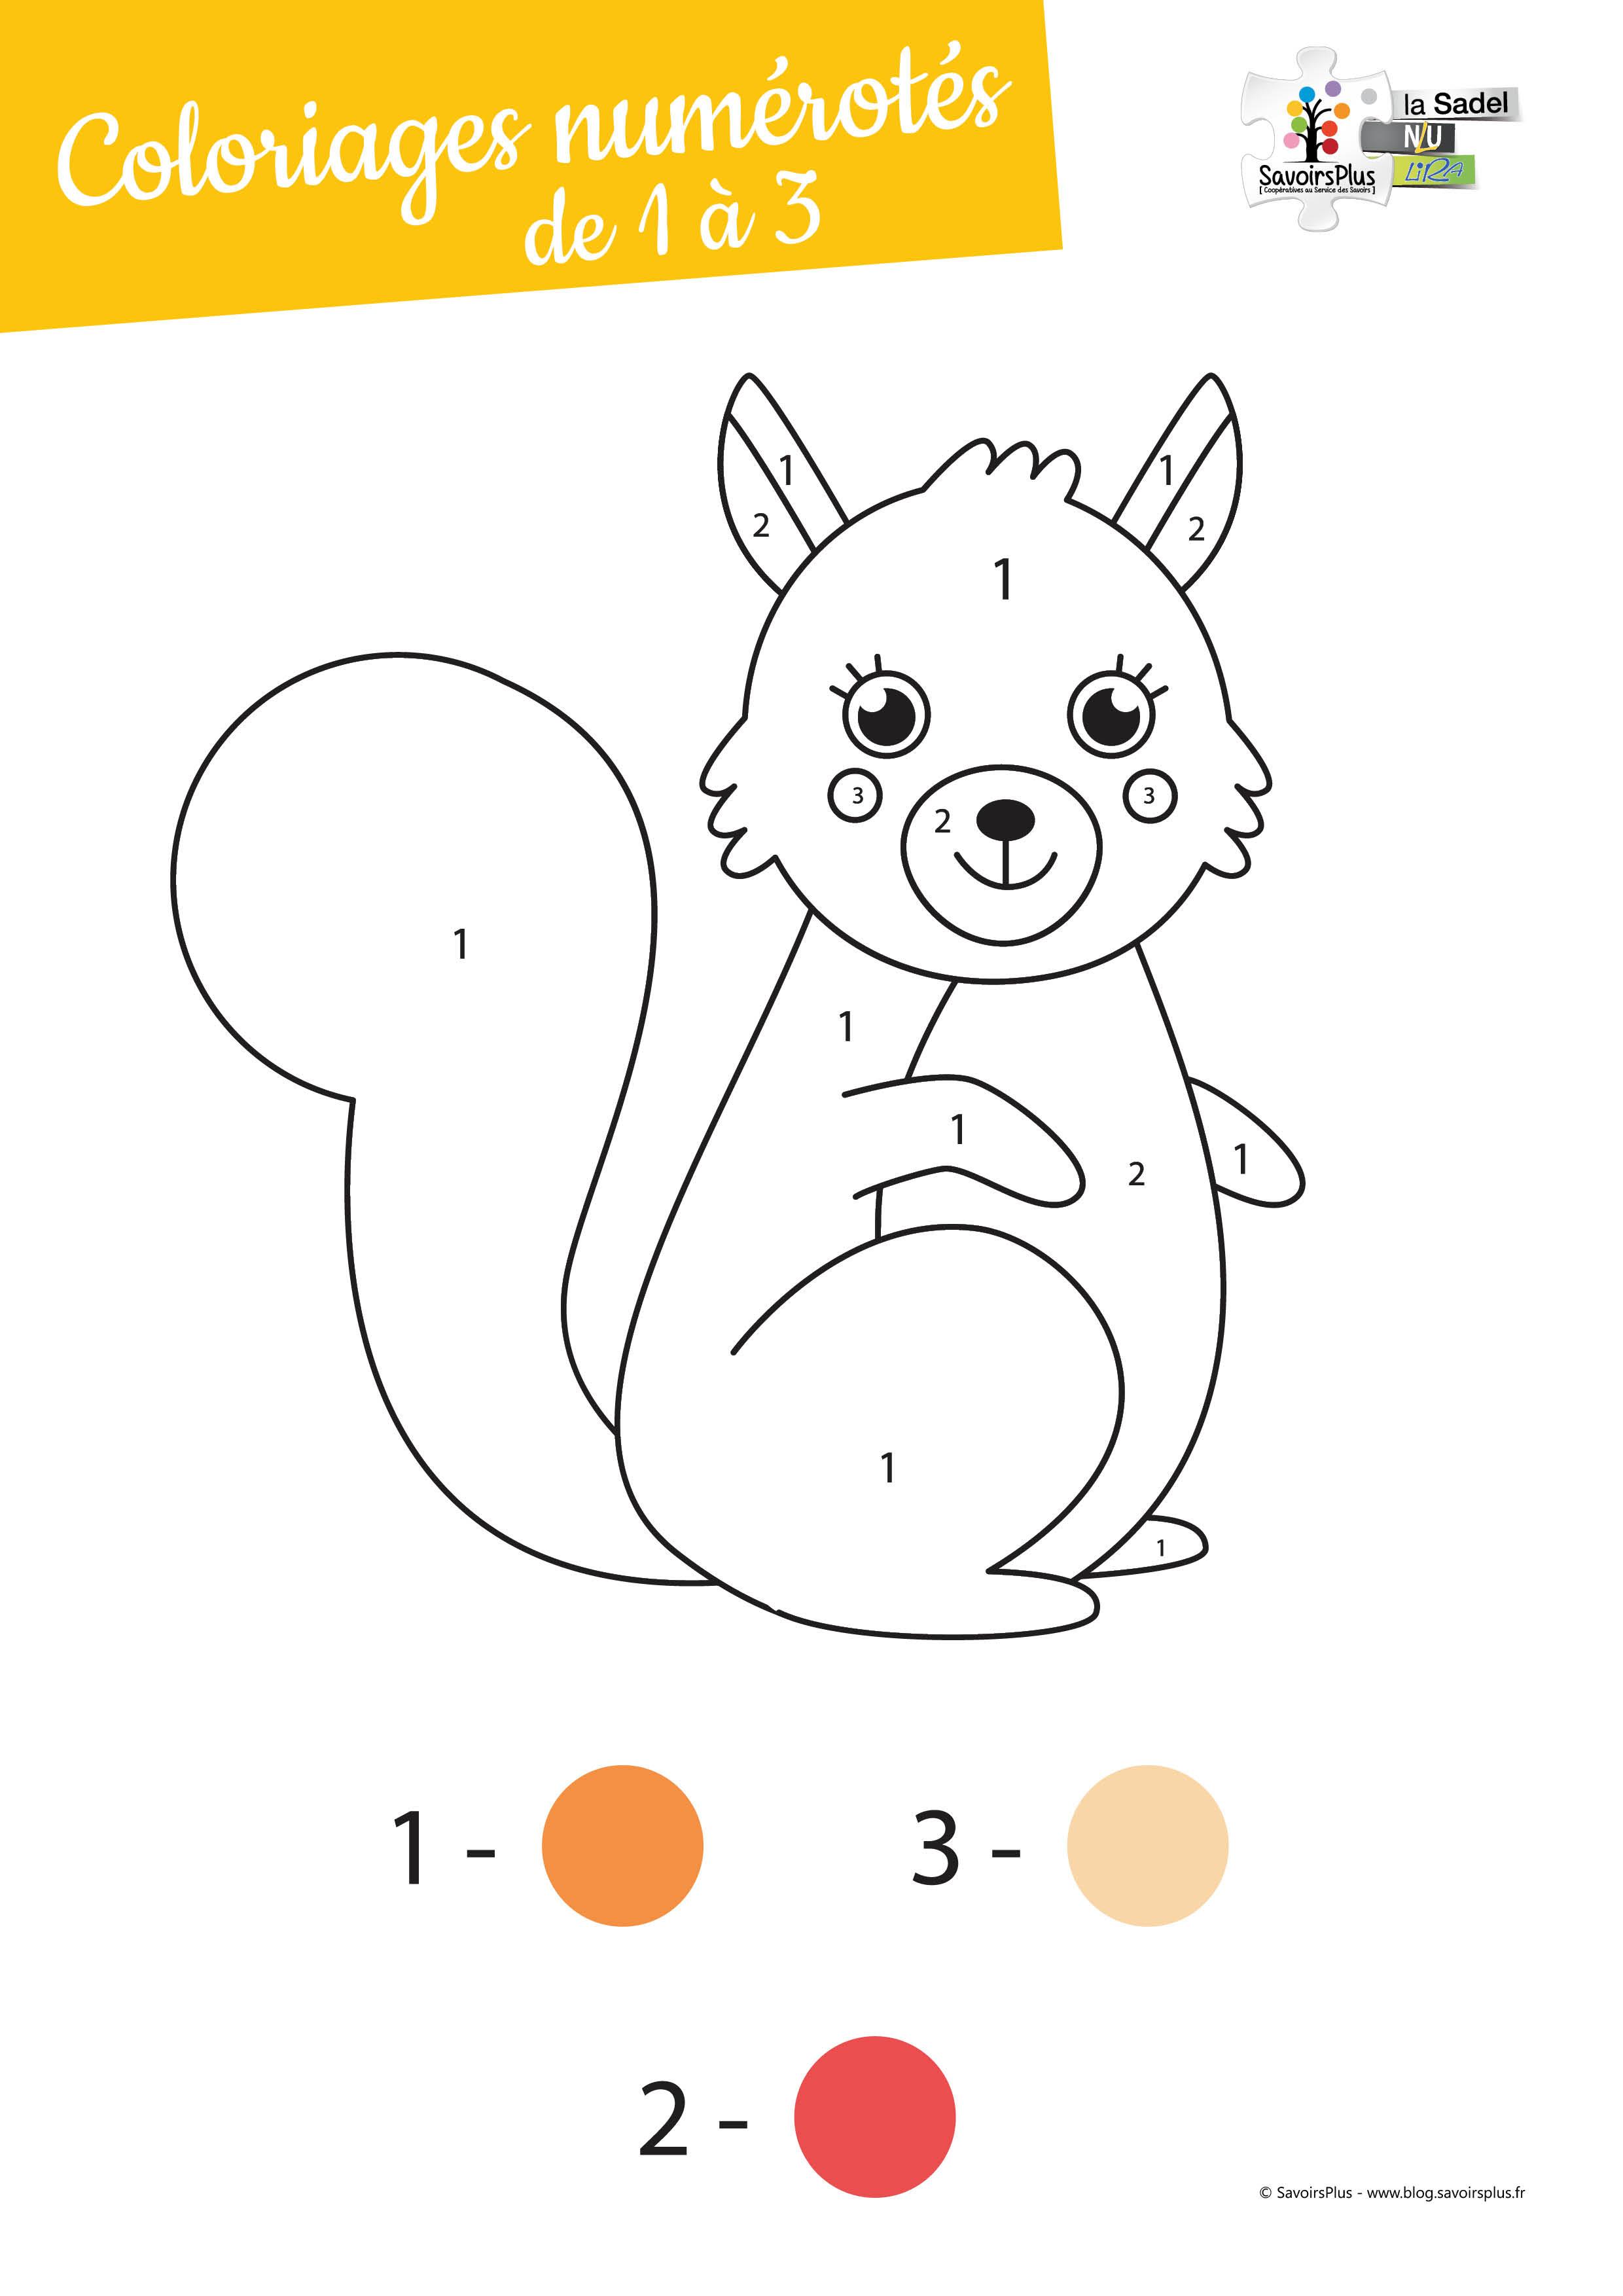 Téléchargement - Coloriages numérotés pour les tout-petits de 1 à 3 - Le blog SavoirsPlus